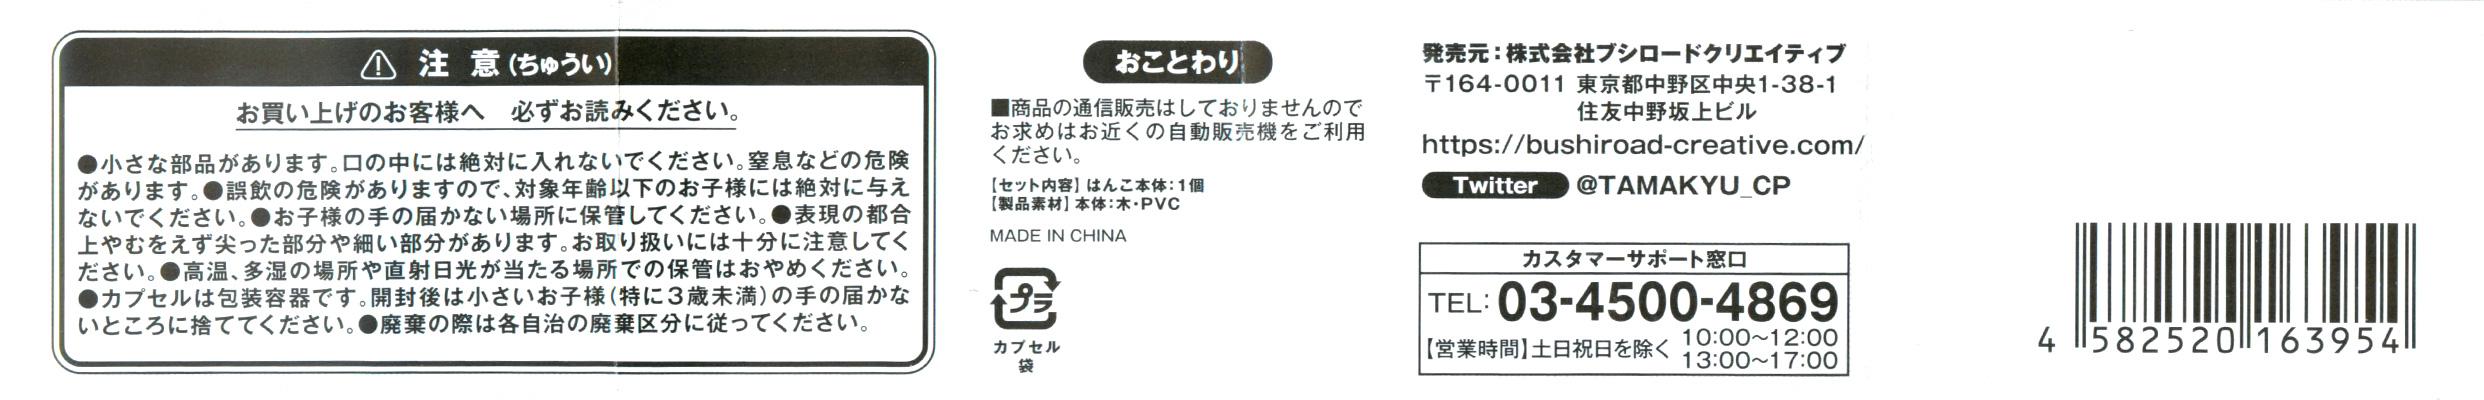 TAMA-KYU 事務的なはんこ [ブシロードクリエイティブ]